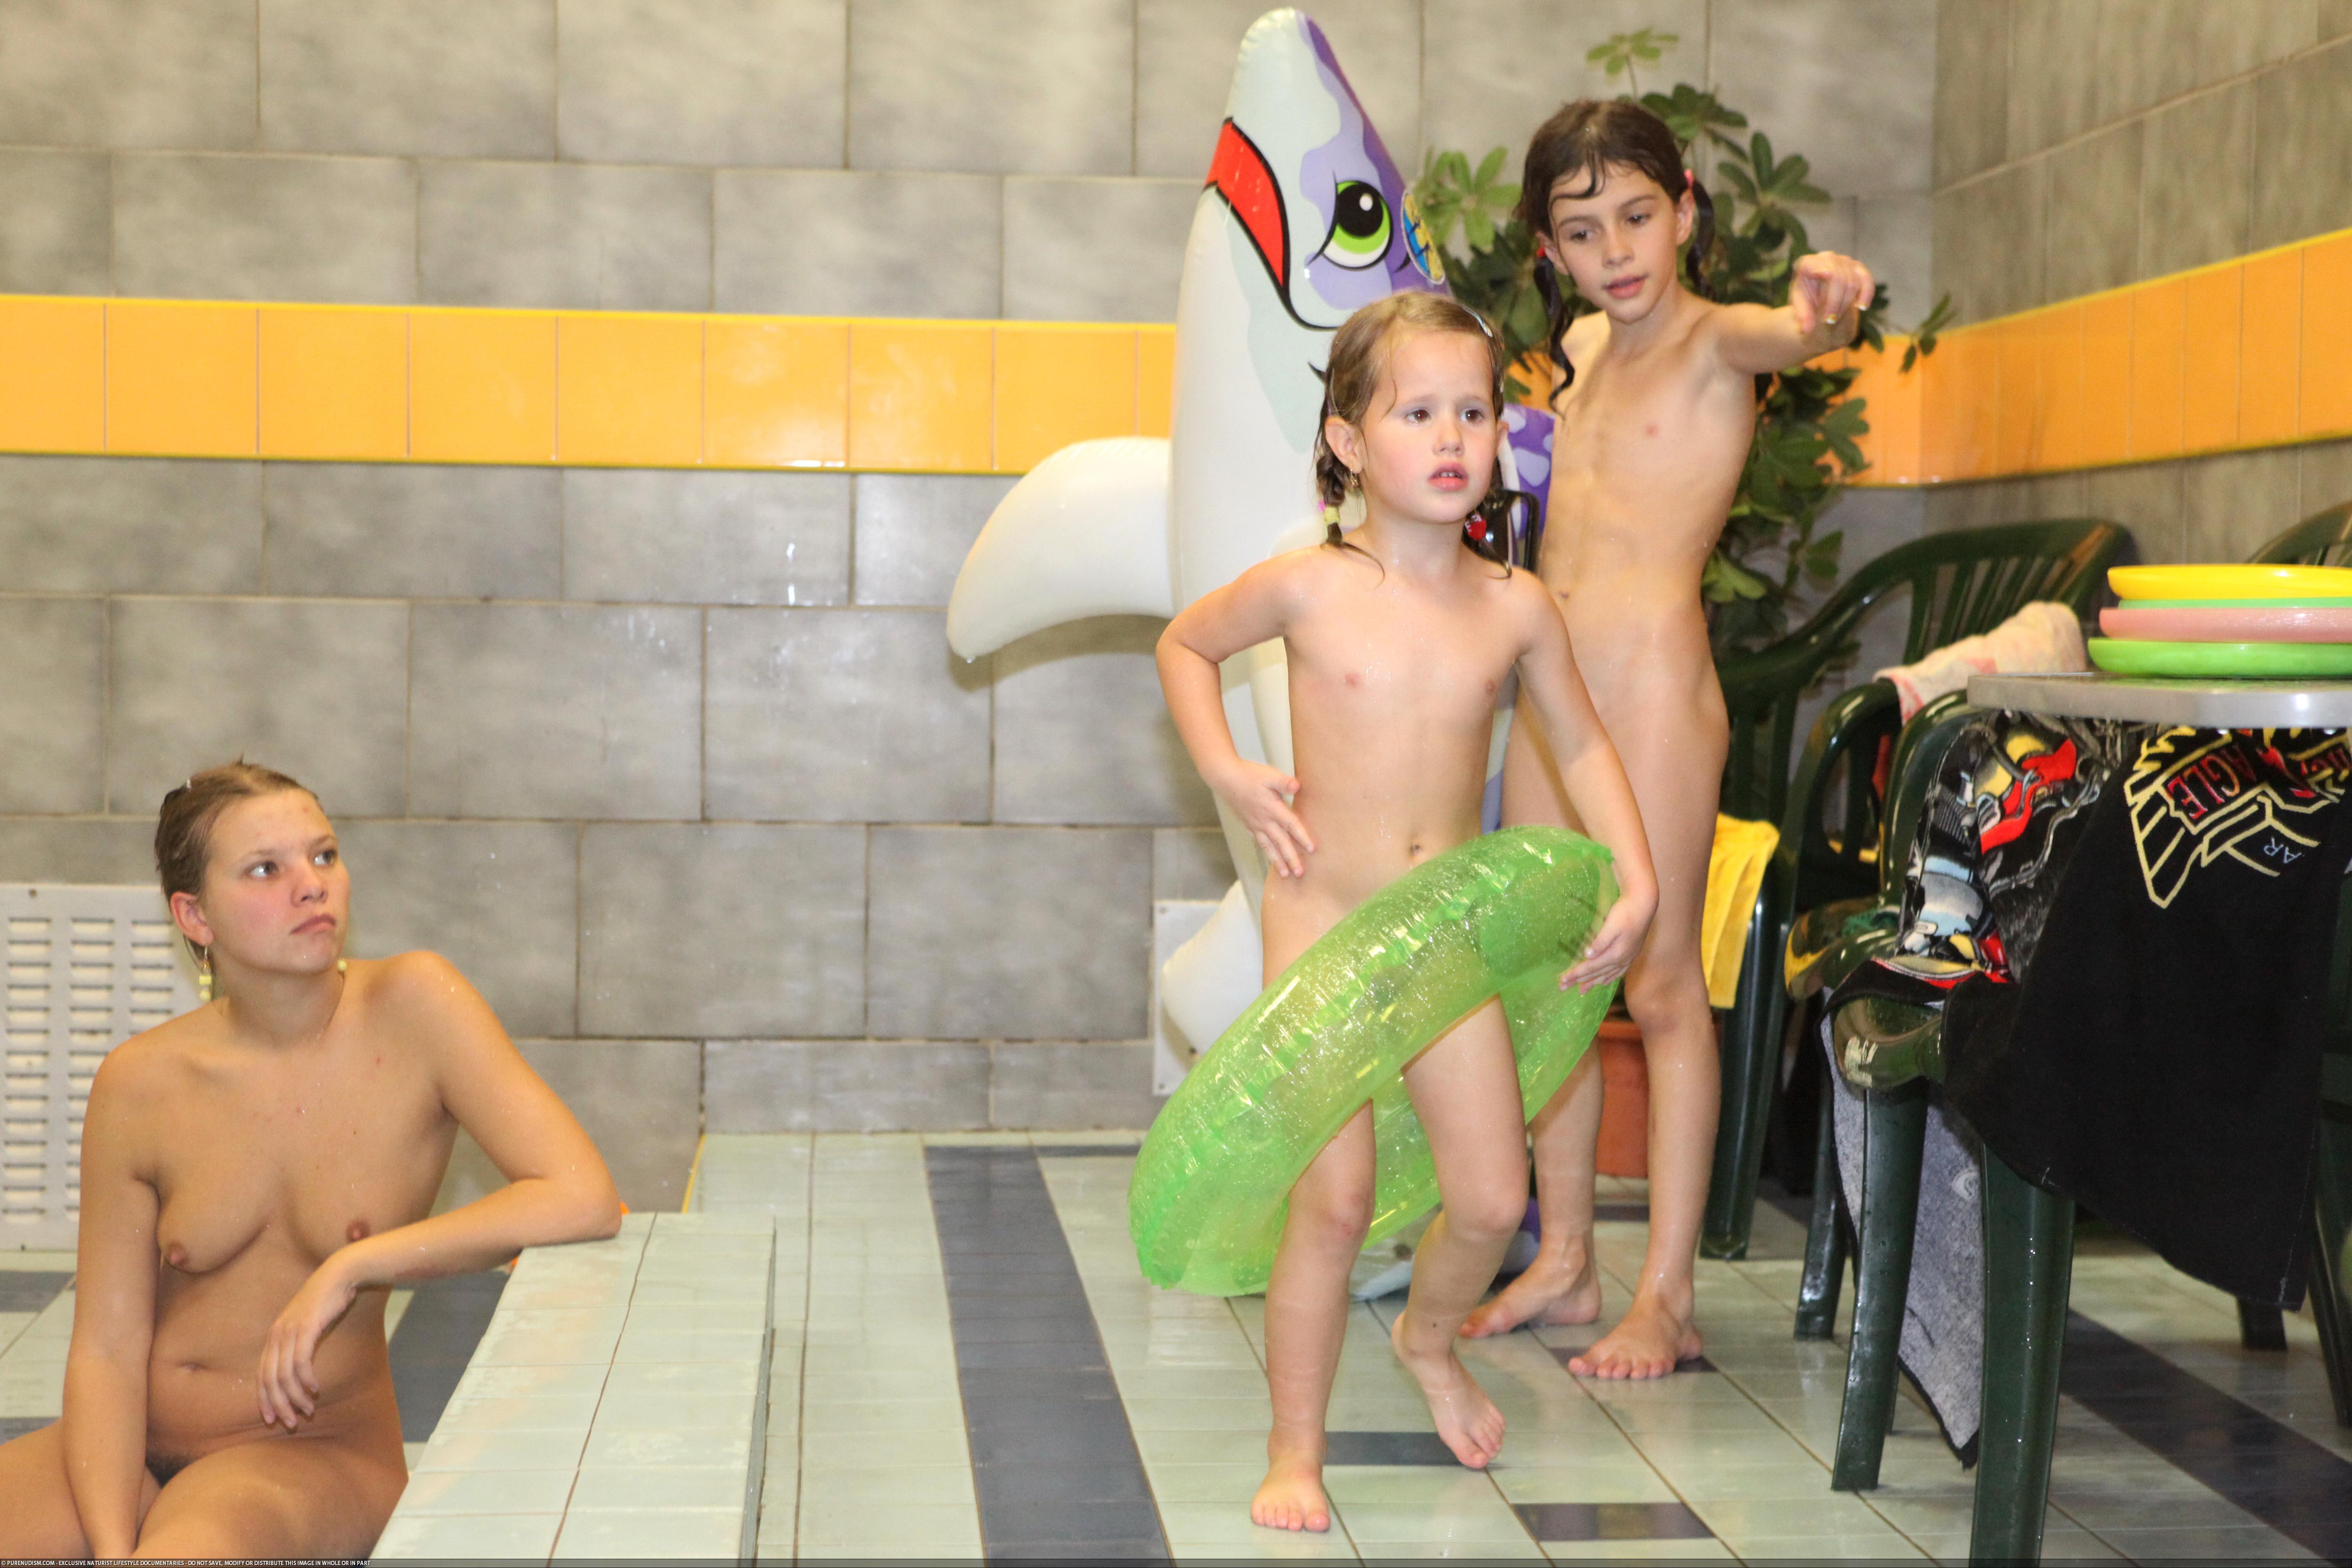 Семья нудистов фото  Фото нудистов на море